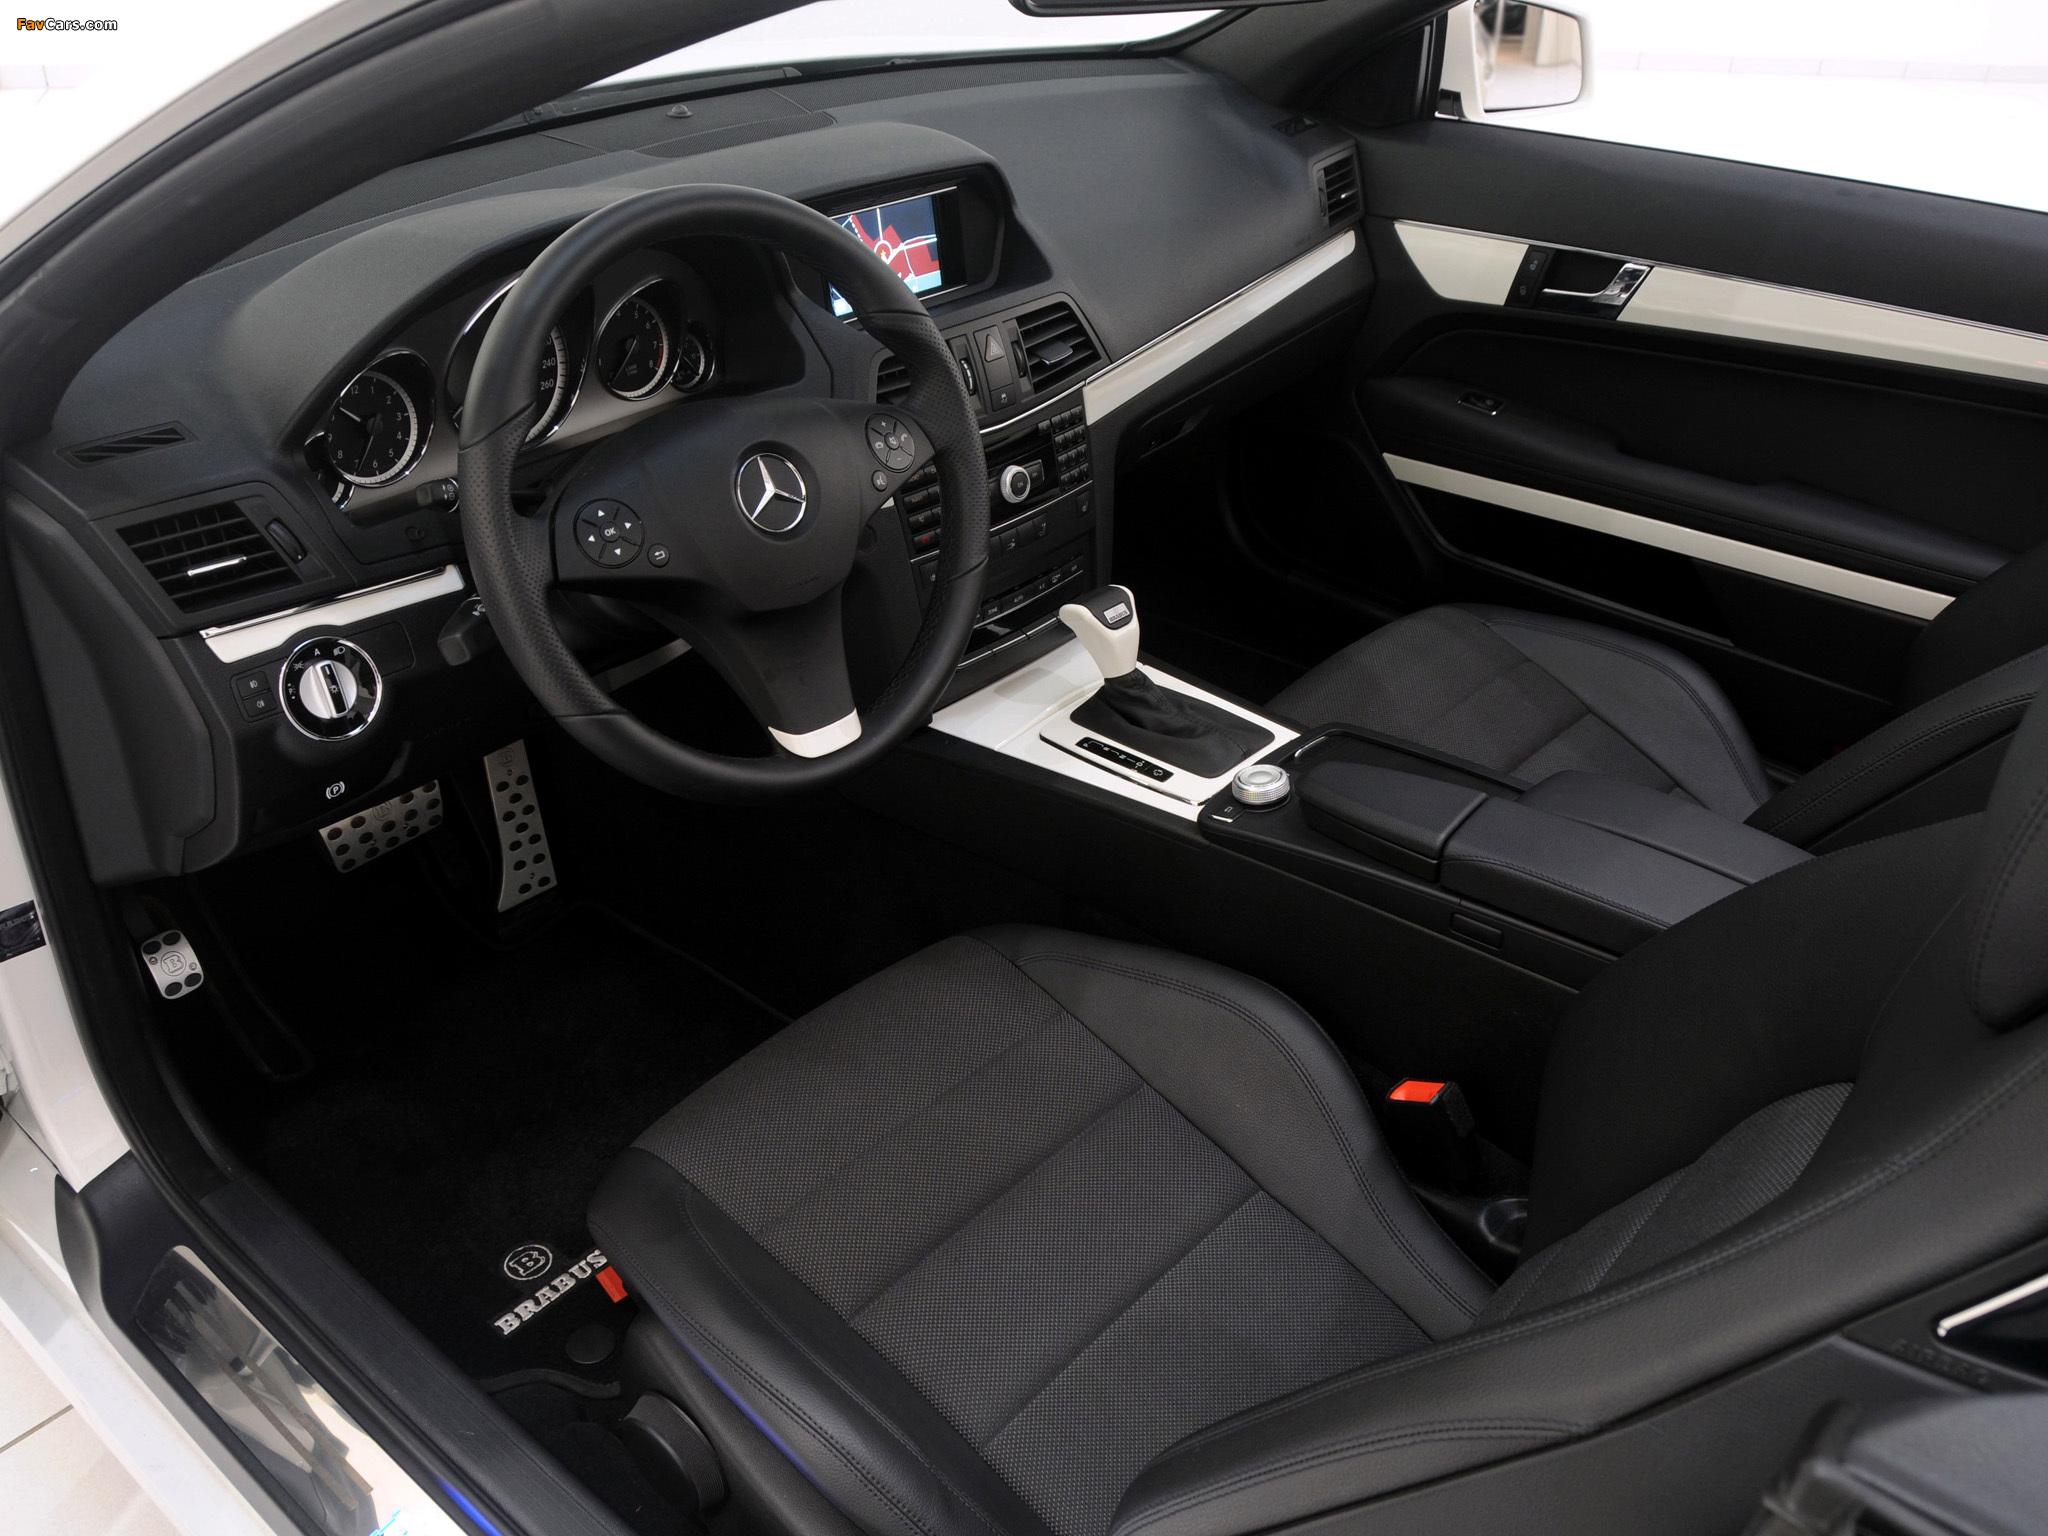 Можно ли самостоятельно установить в Mercedes W212 ящики для вещей под сиденья